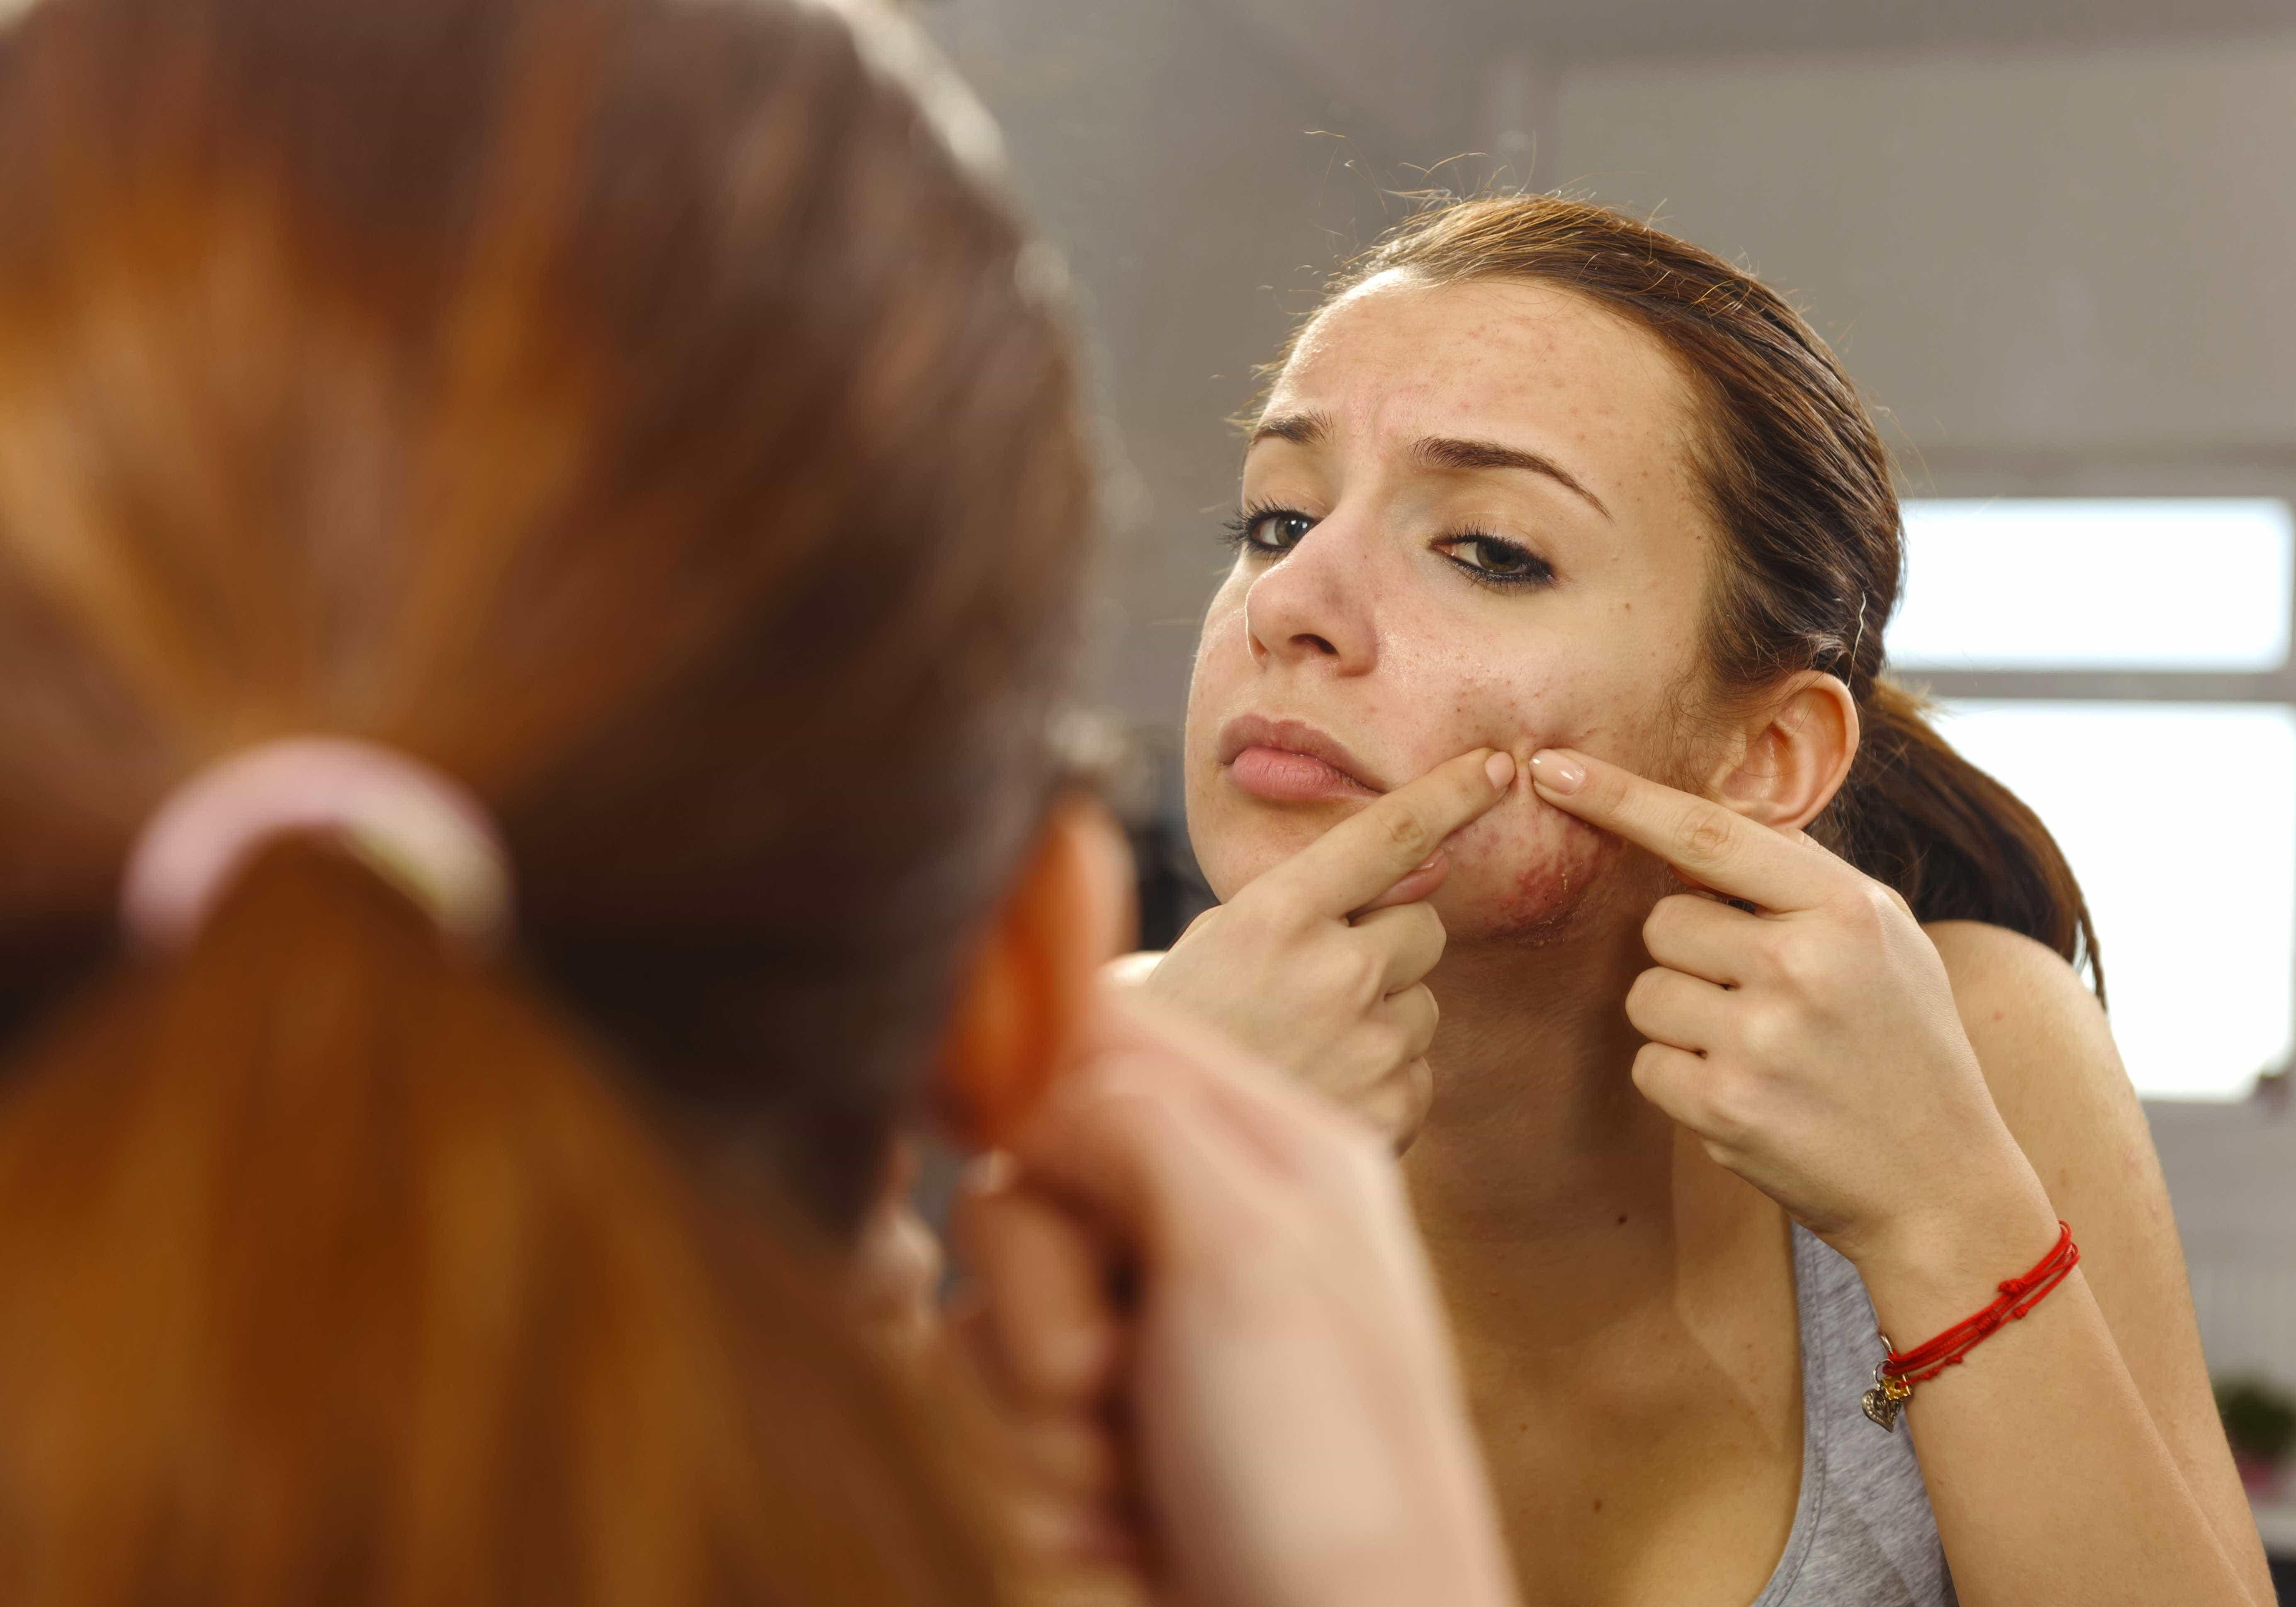 Produtos químicos em perfumes podem causar puberdade precoce em meninas